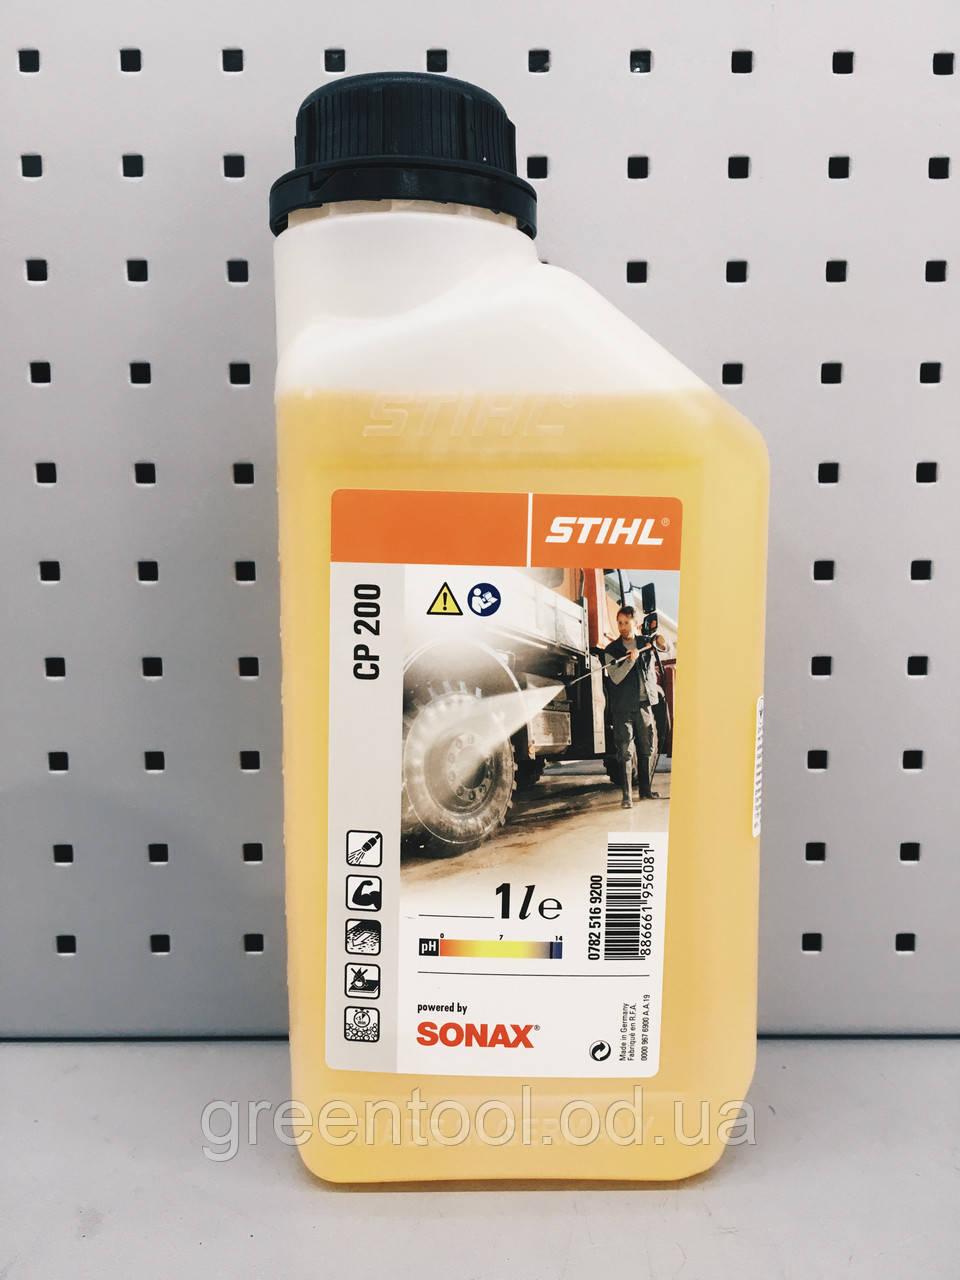 Профессиональное автомобильное моющее средство STIHL